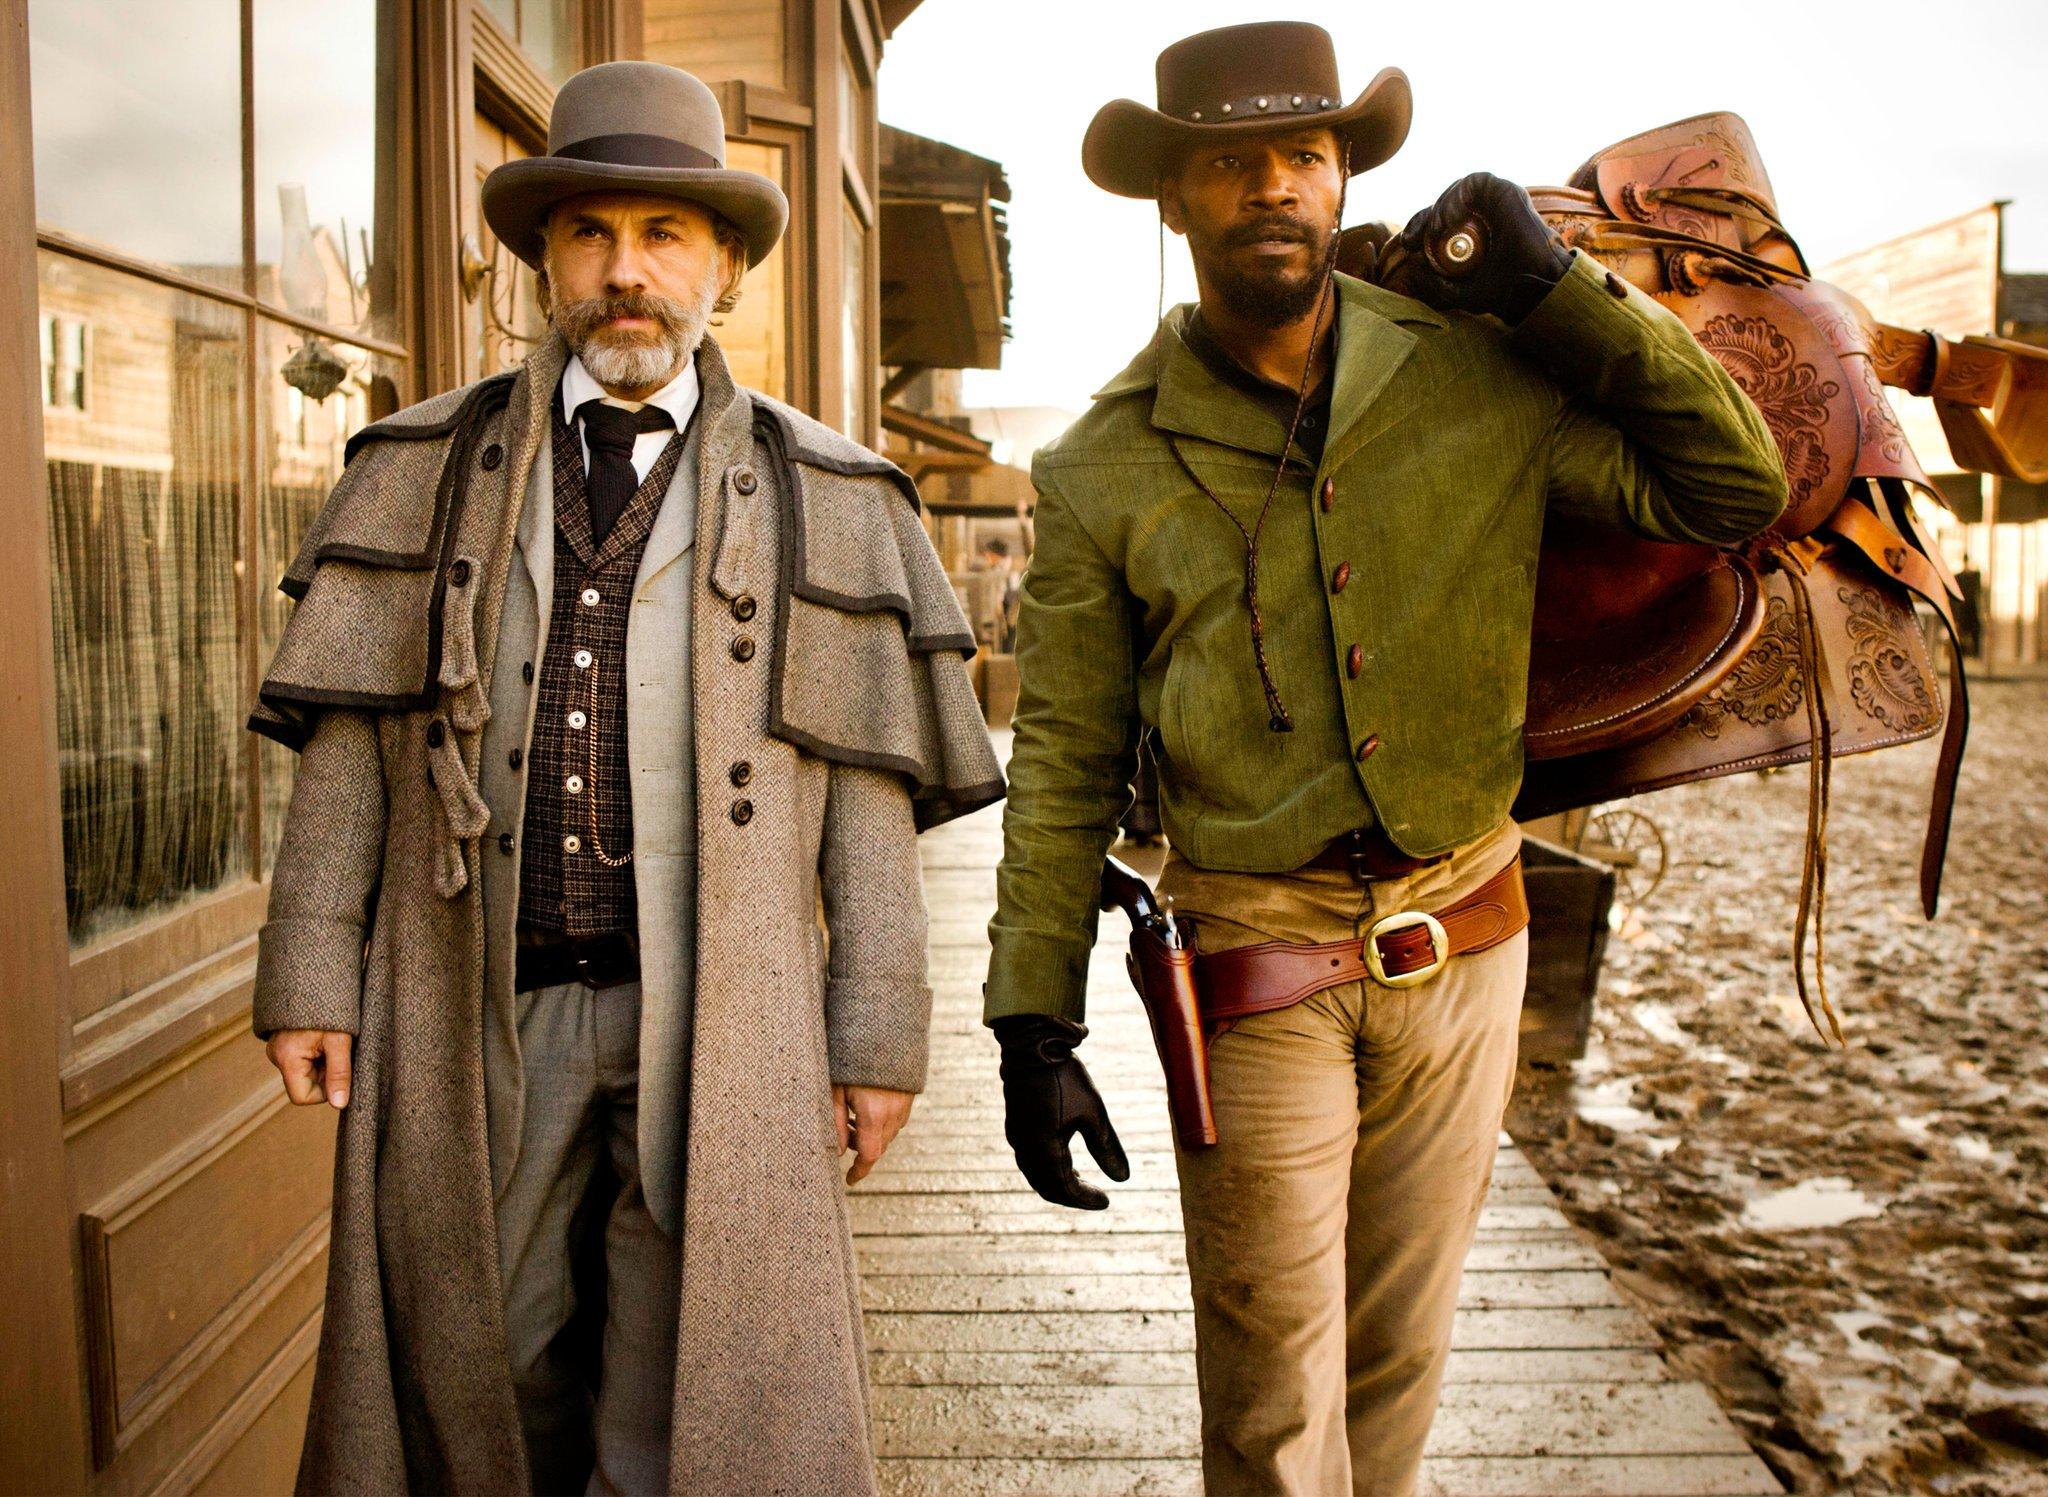 Django desencadenado, el encuentro de géneros cinematográficos actores